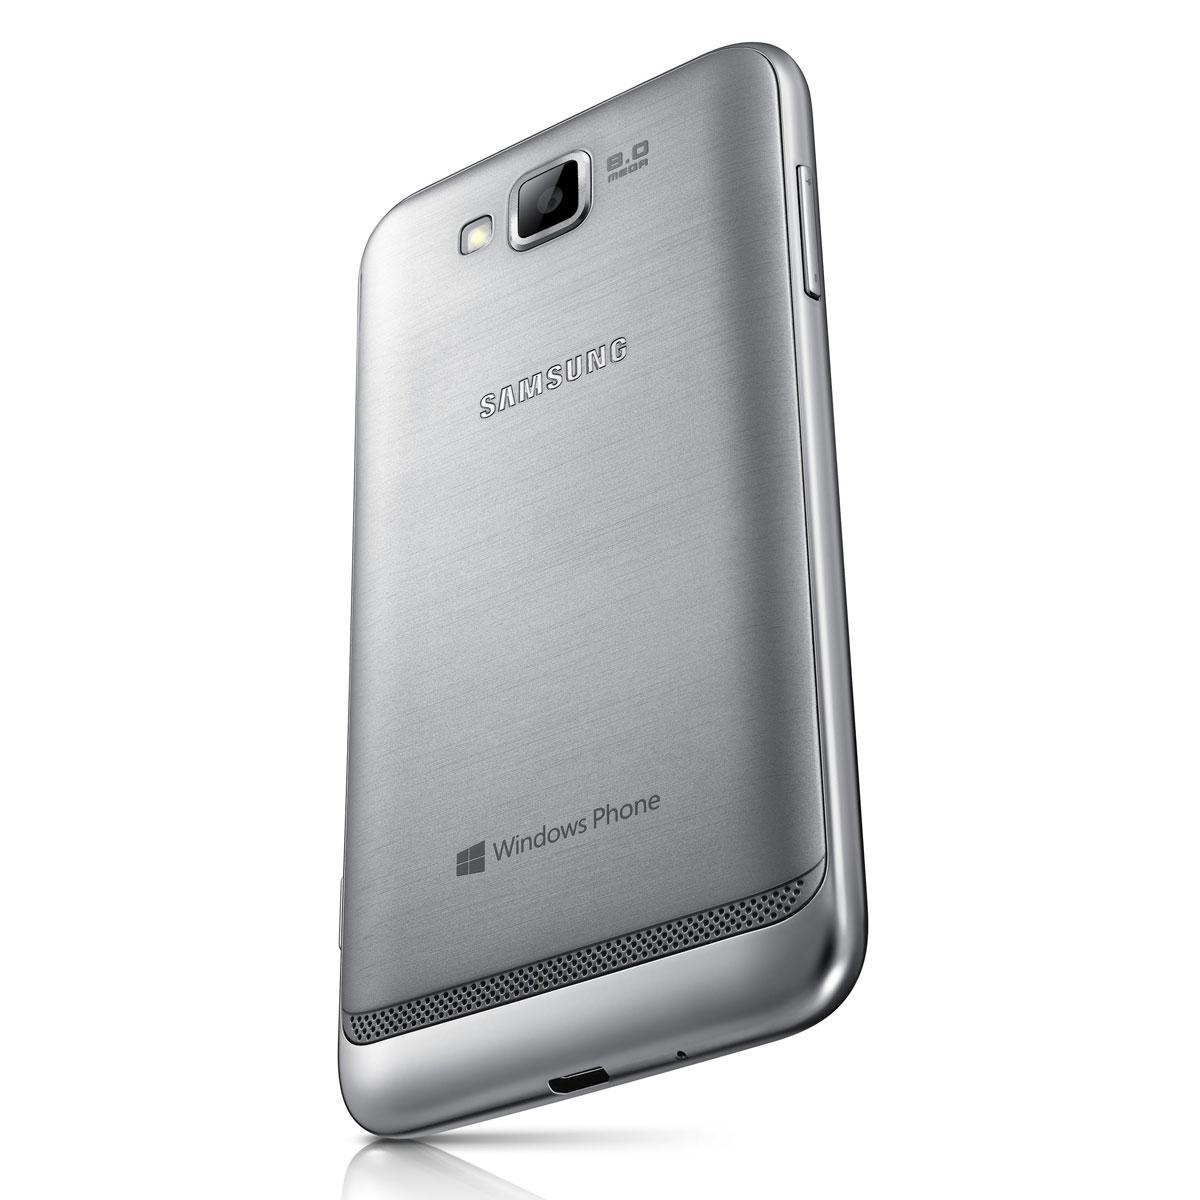 Samsung Ativ S 16 Go Gt I8750 Tim Achat Vente Mobile